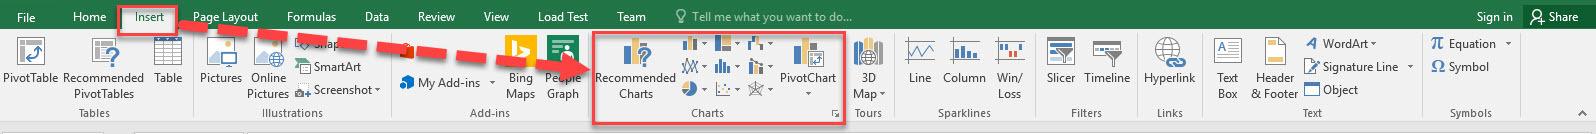 استفاده از Charts ها در اکسل . آموزشگاه رایگان خوش آموز